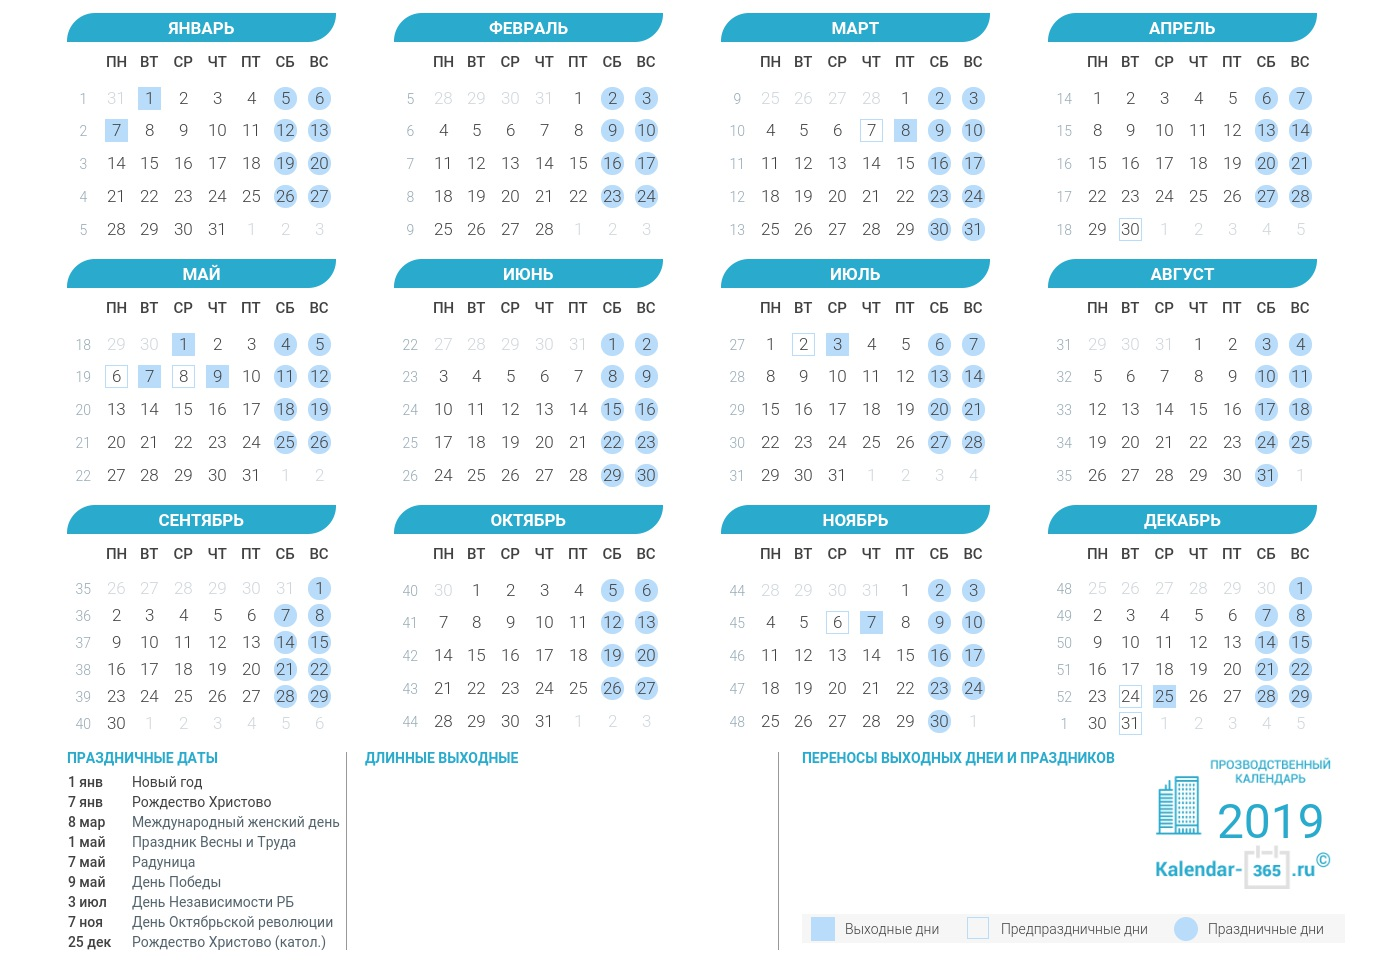 Праздники в апреле 2019 года: календарь праздников